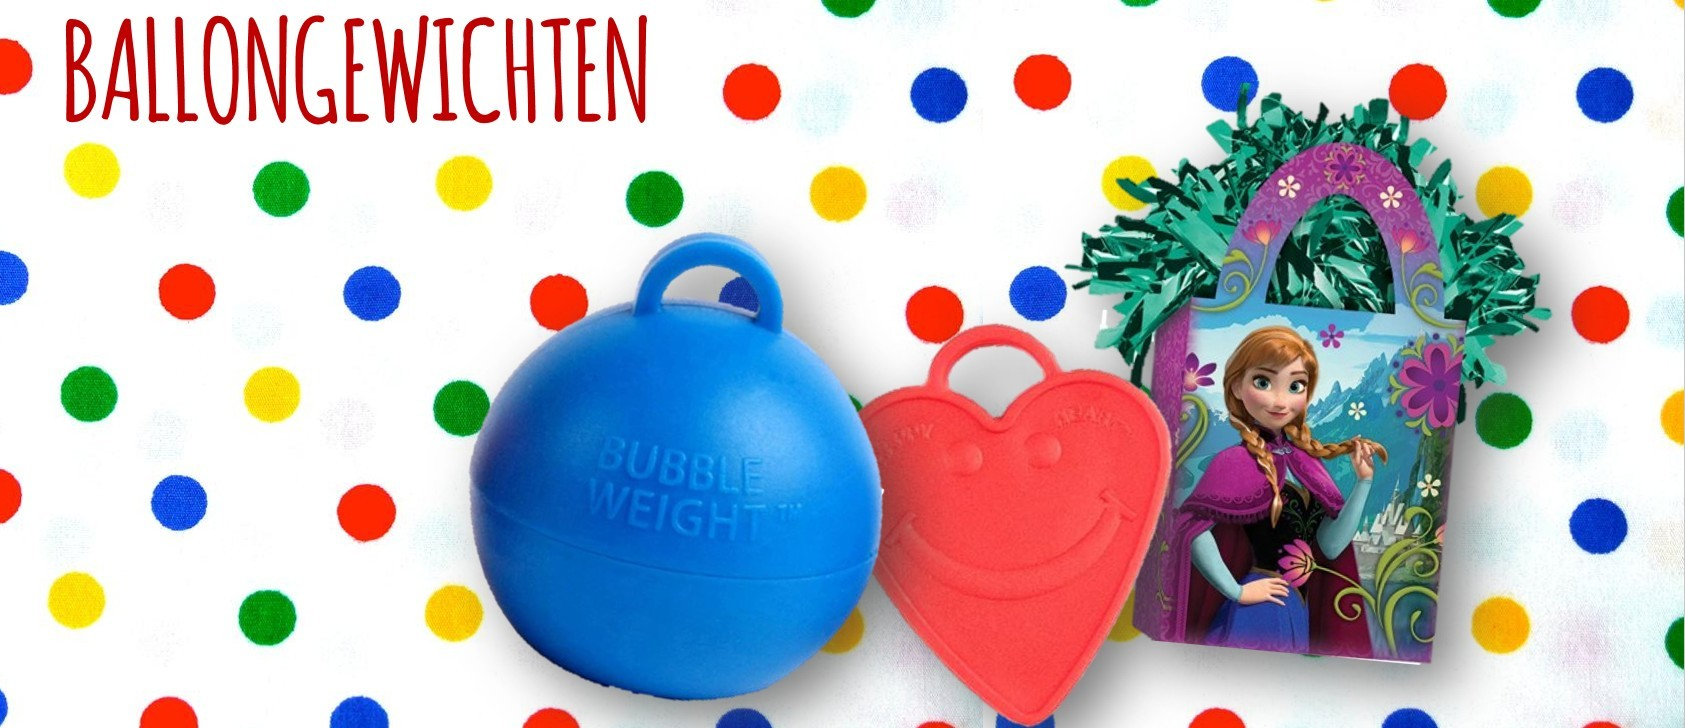 Ballongewicht heliumballon